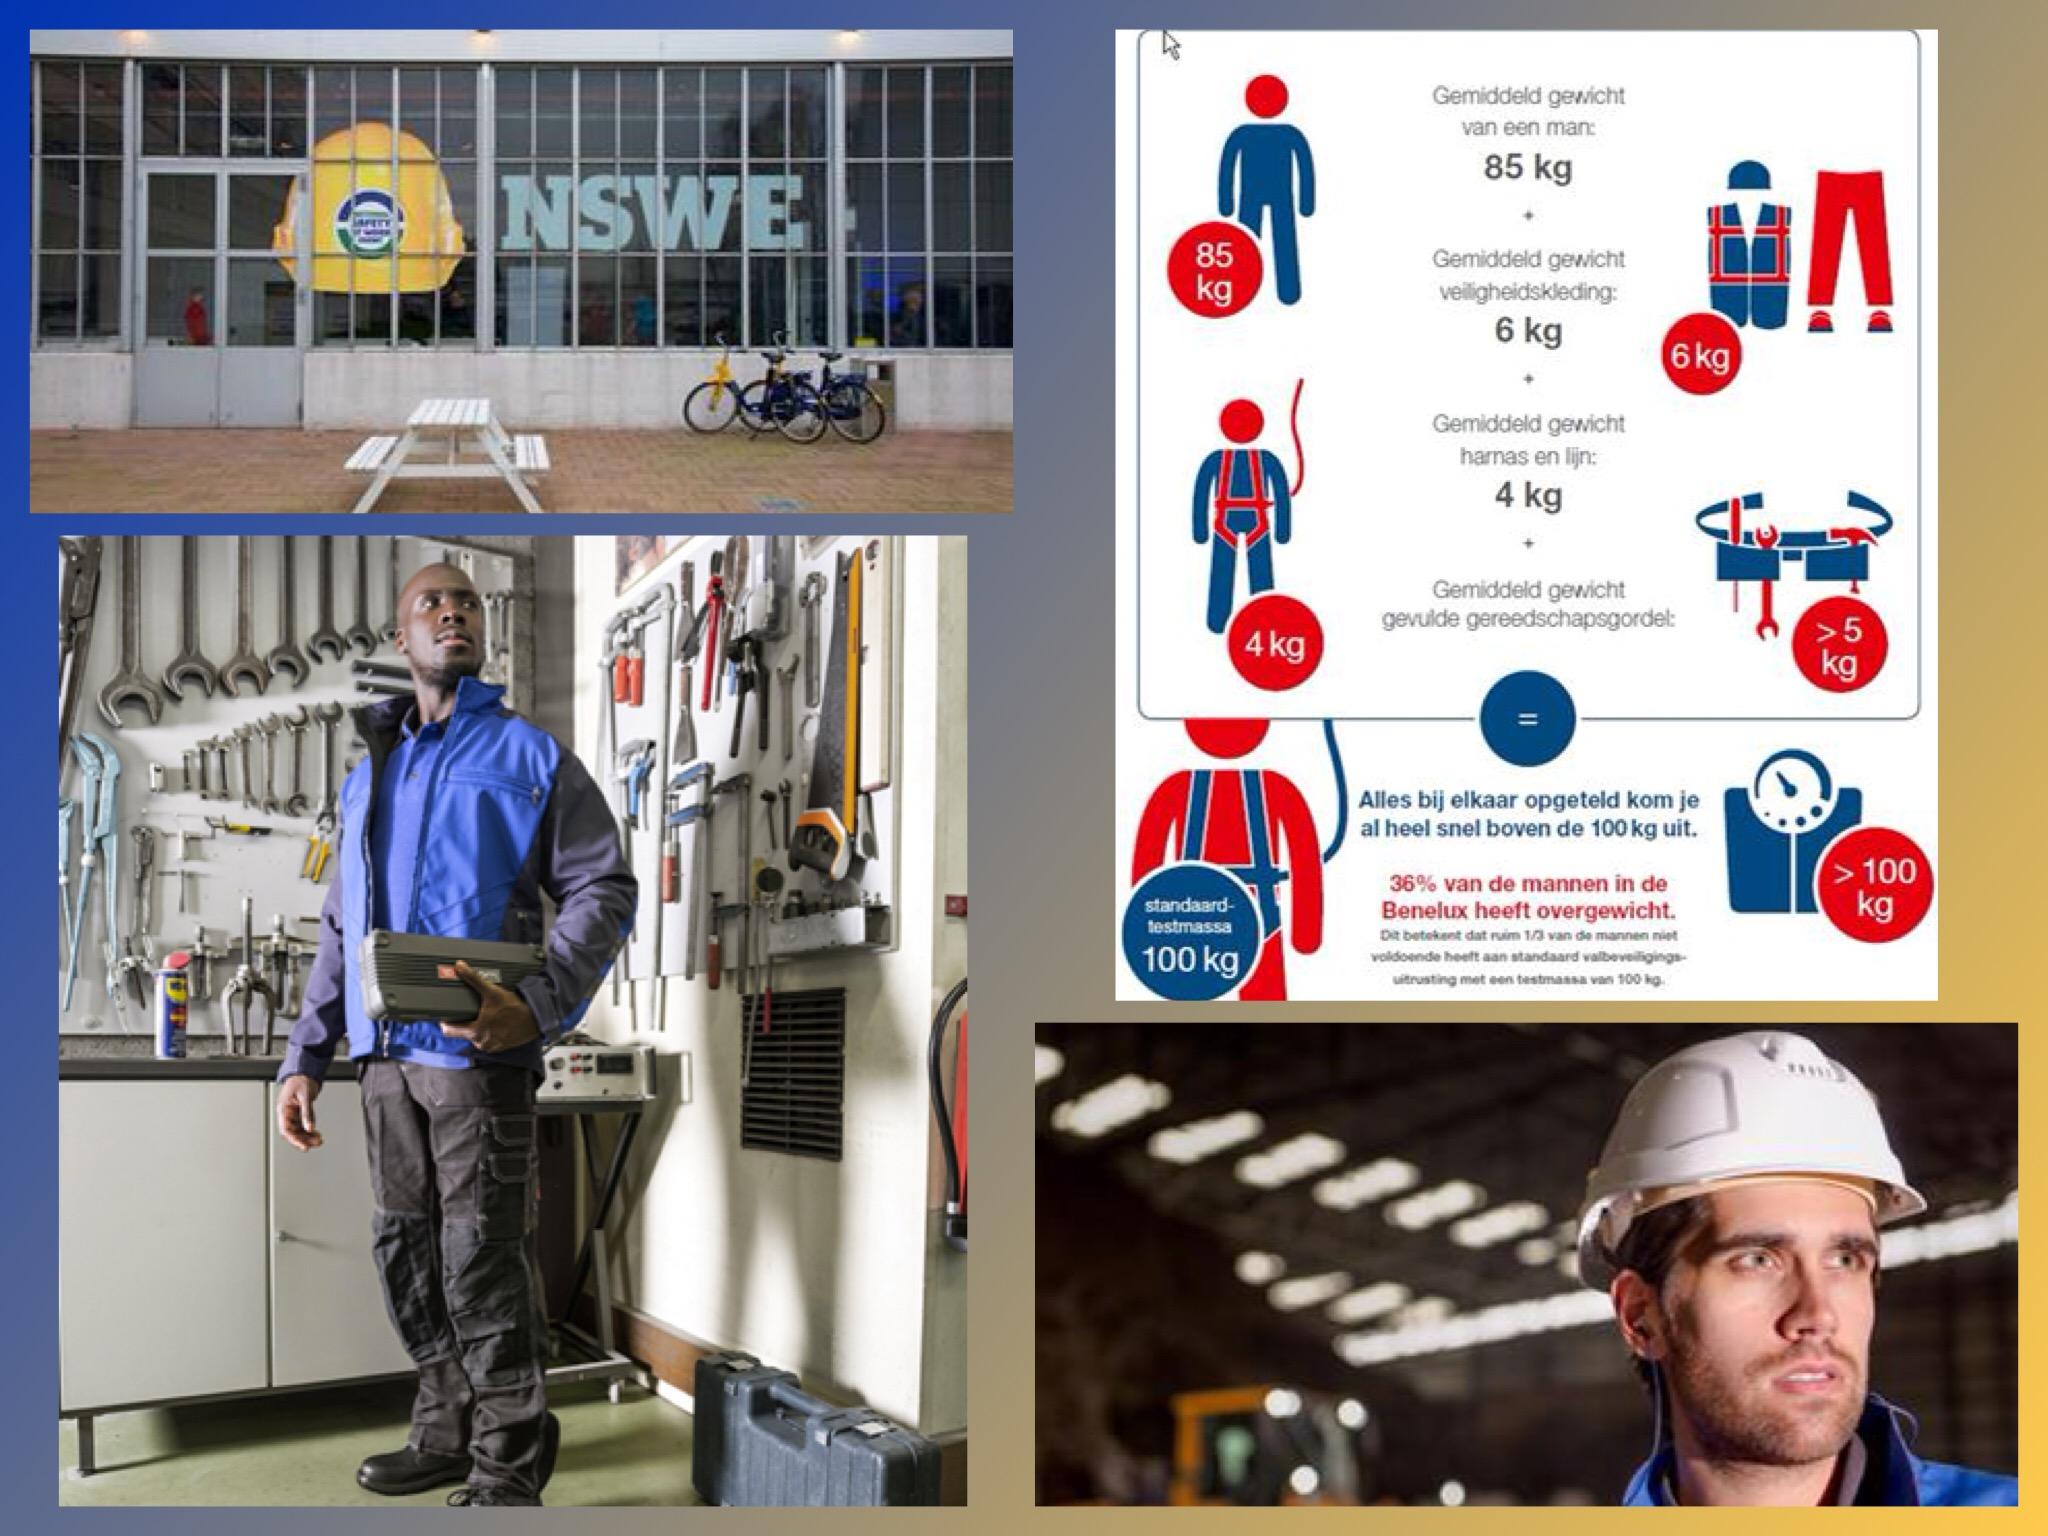 NIEUWSBRIEF: Hoe bespaart veilig werken?